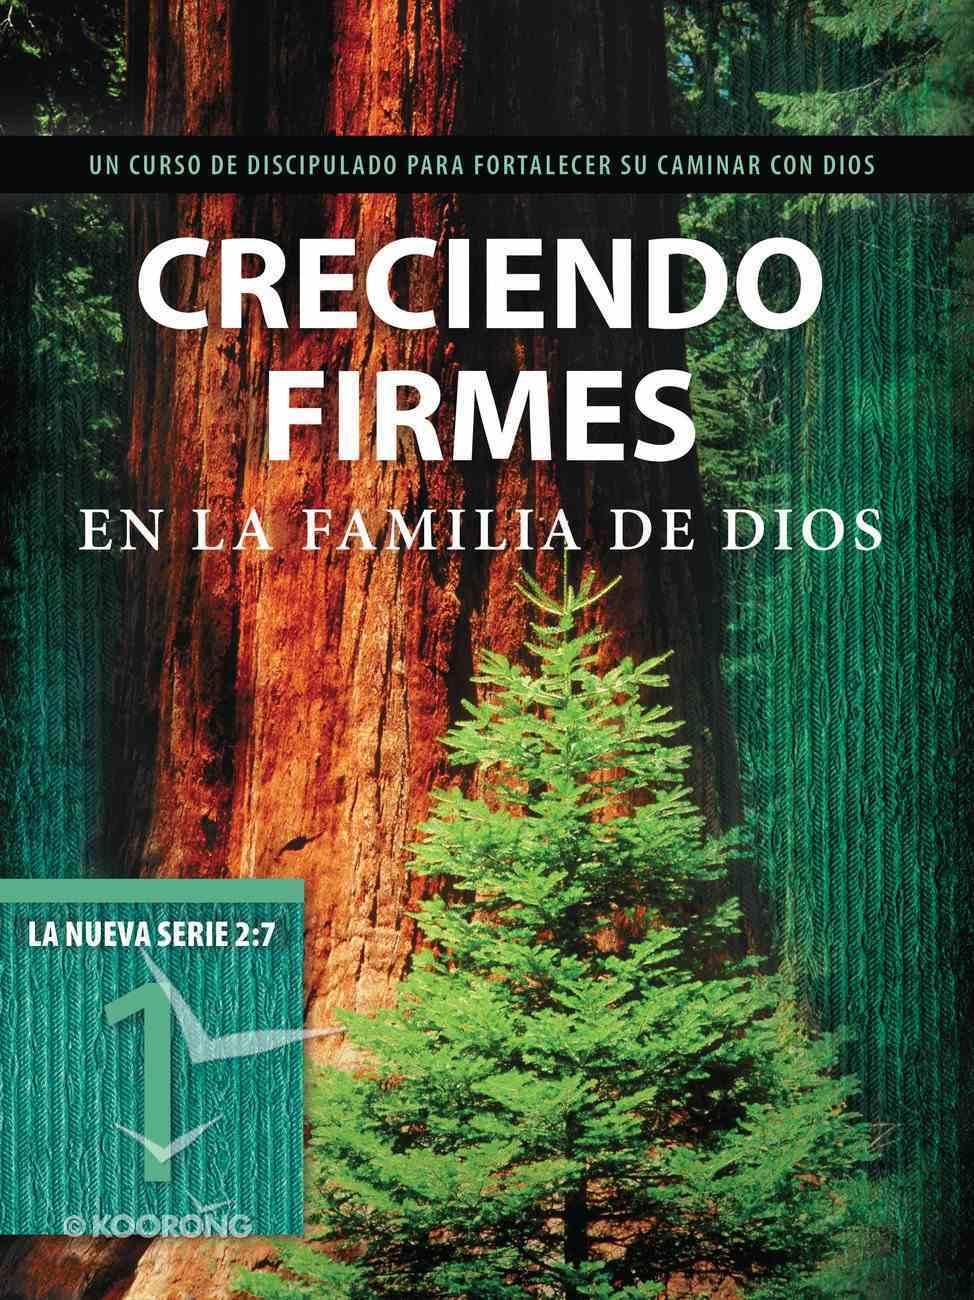 2: 7 #01  Creciendo Firmes En La Familia De Dios  Un Curso De Discipulado Para Fortalecer Su Caminar Con Dios (La Serie 2 7 Series) Paperback